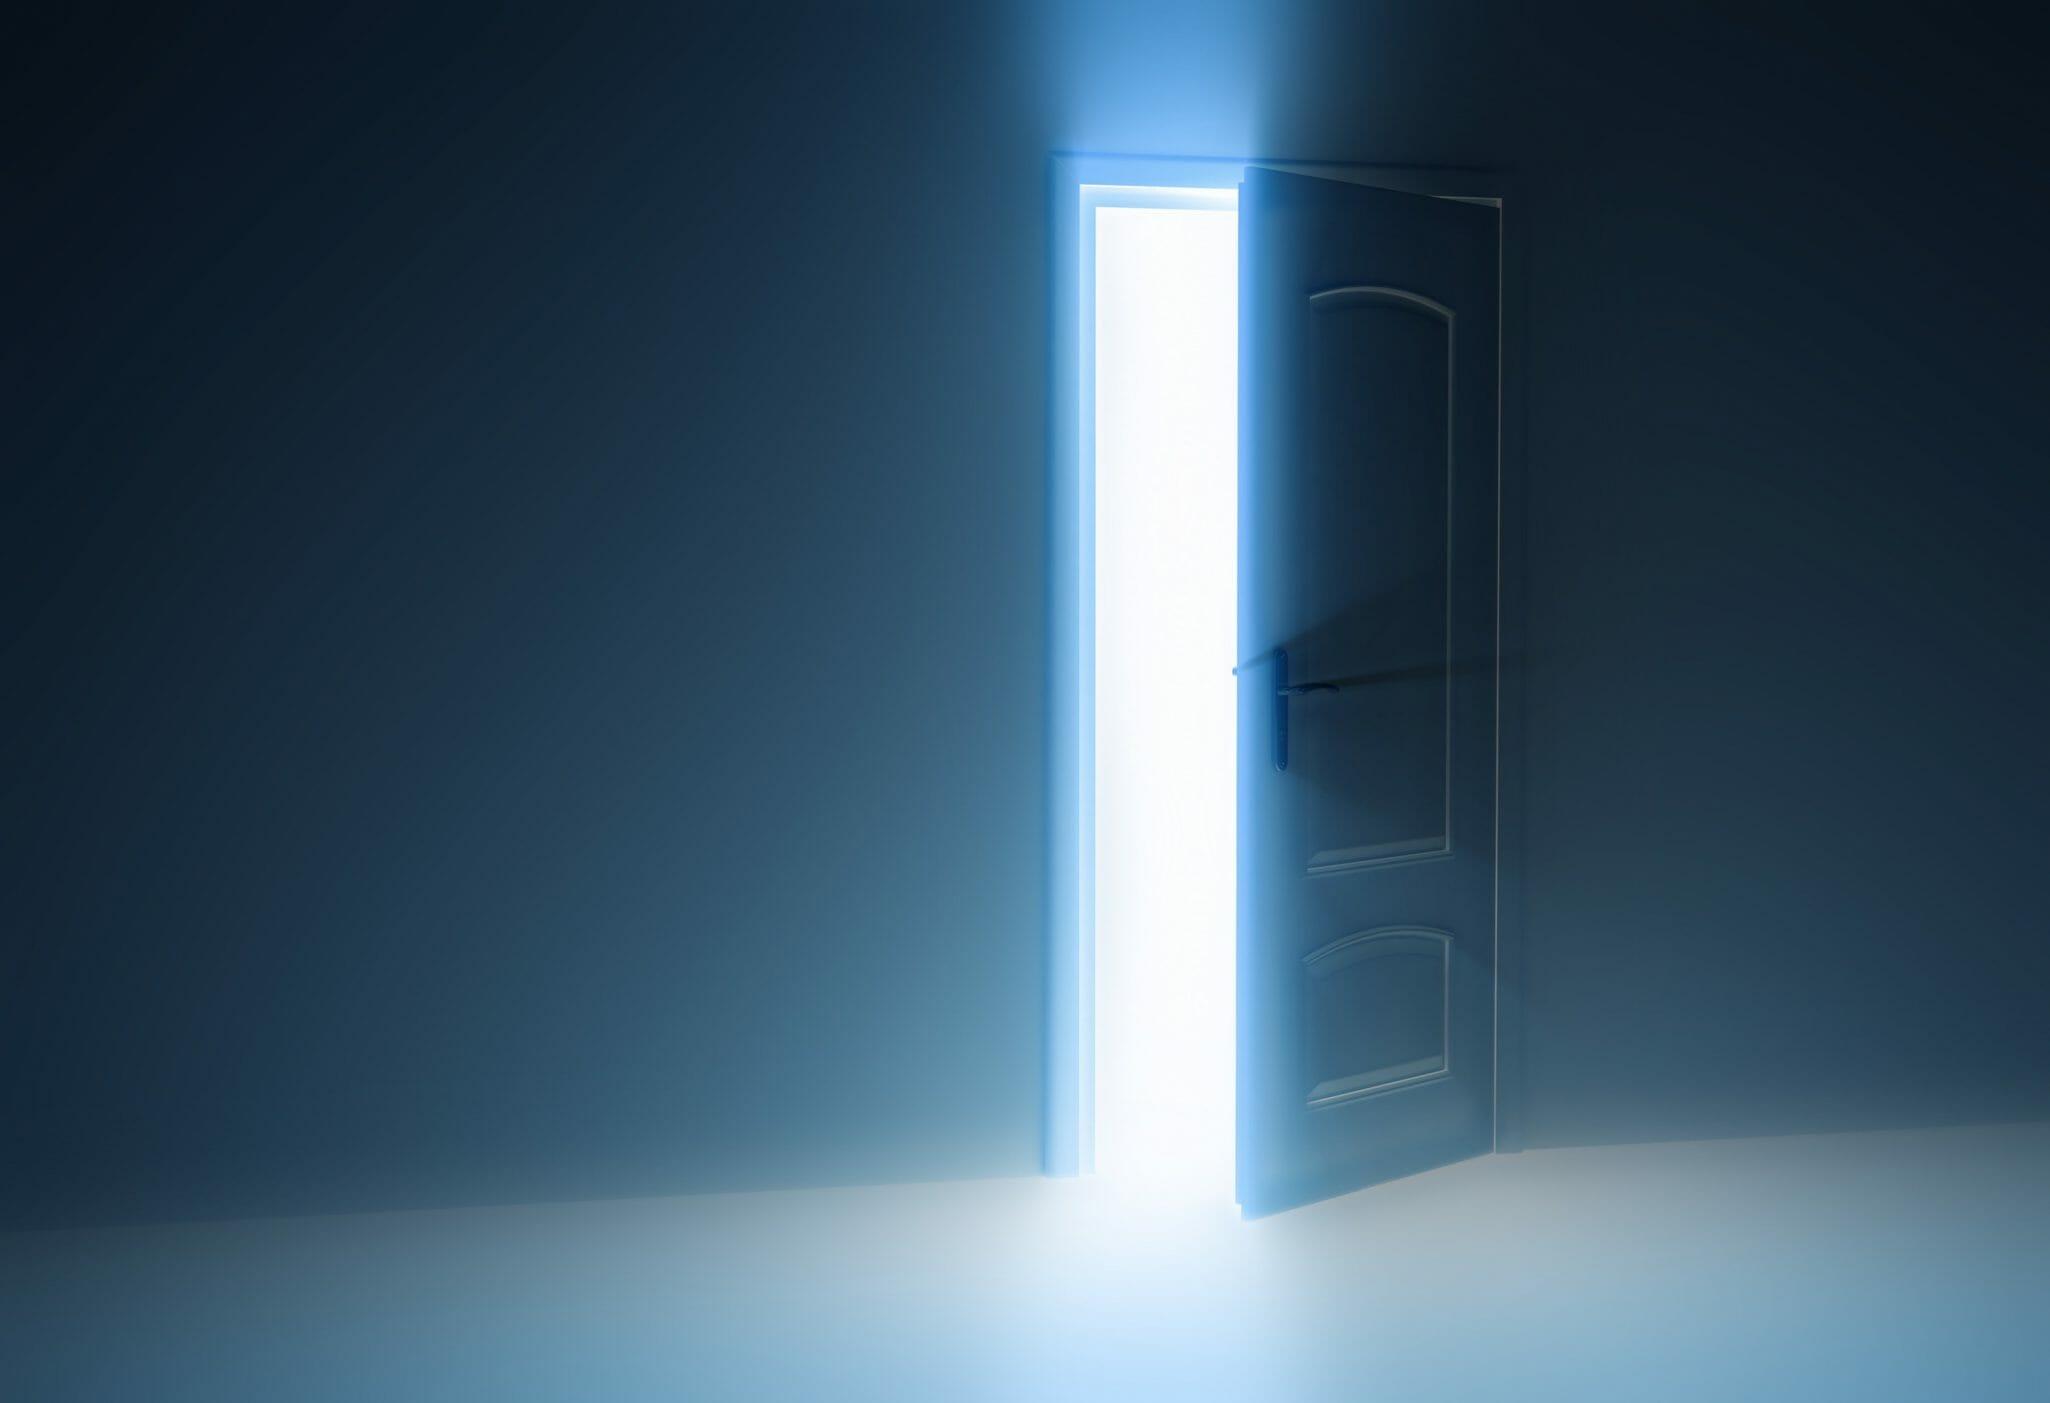 Open the Doors!